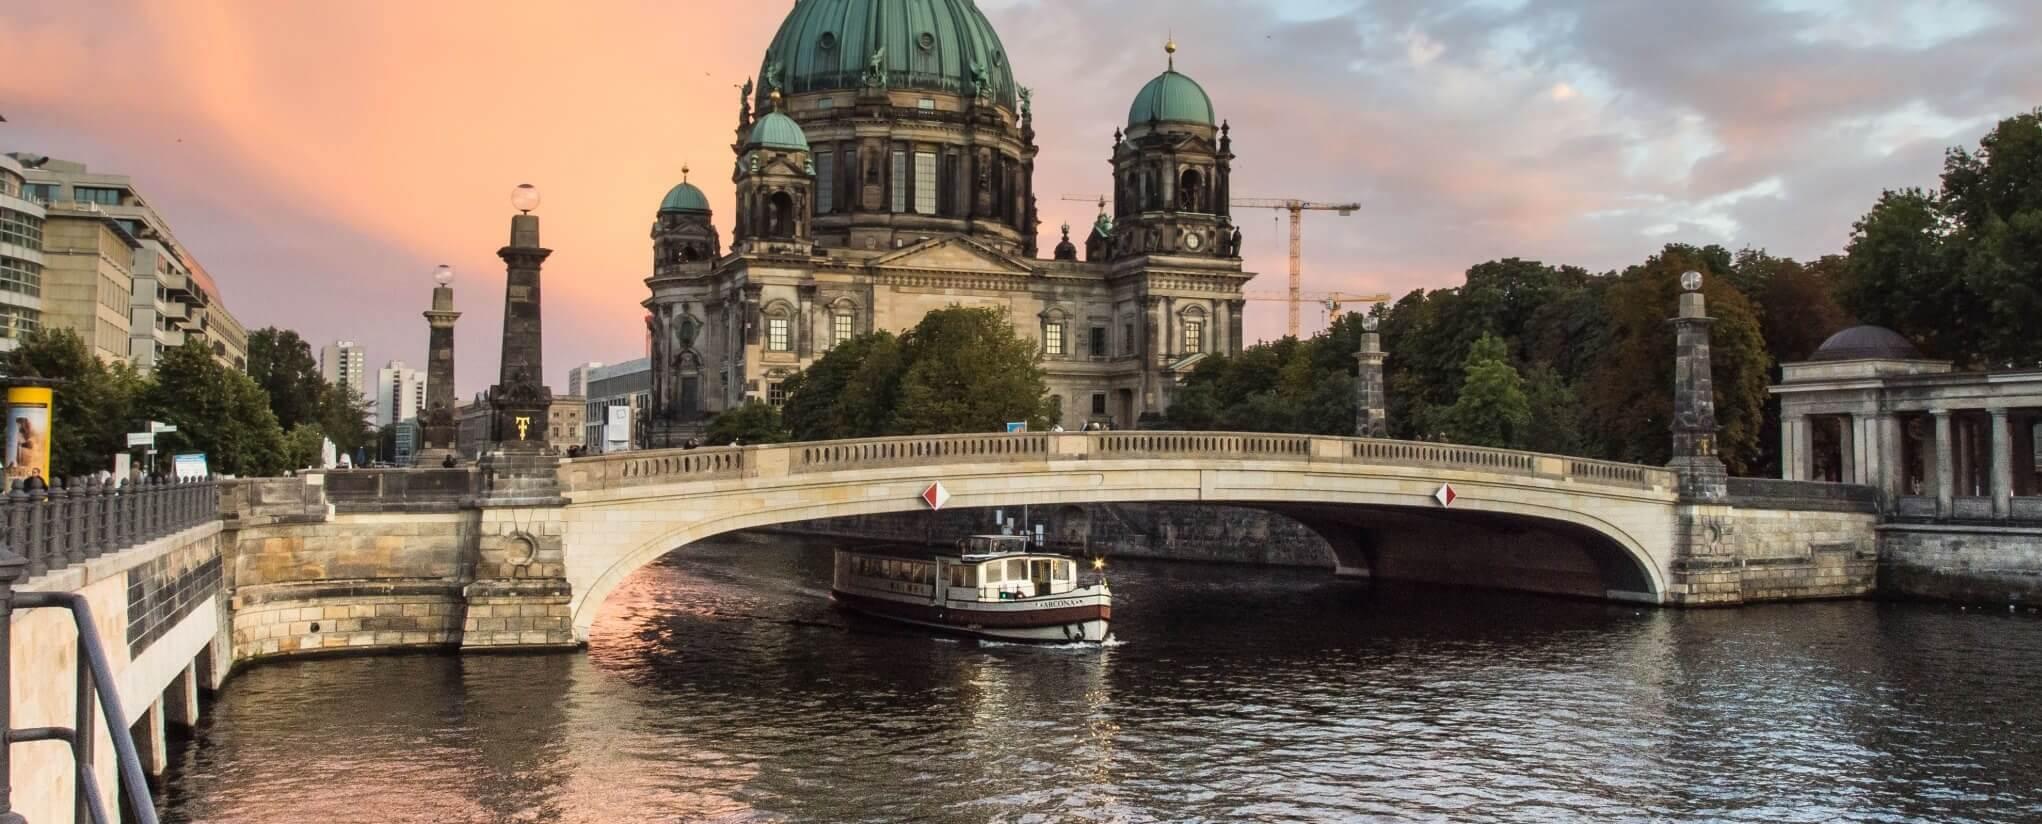 Gemutlich Kaffee Trinken In Berlin : Spreerundfahrt Berlin  Die Highlights in nur 1 Stunde